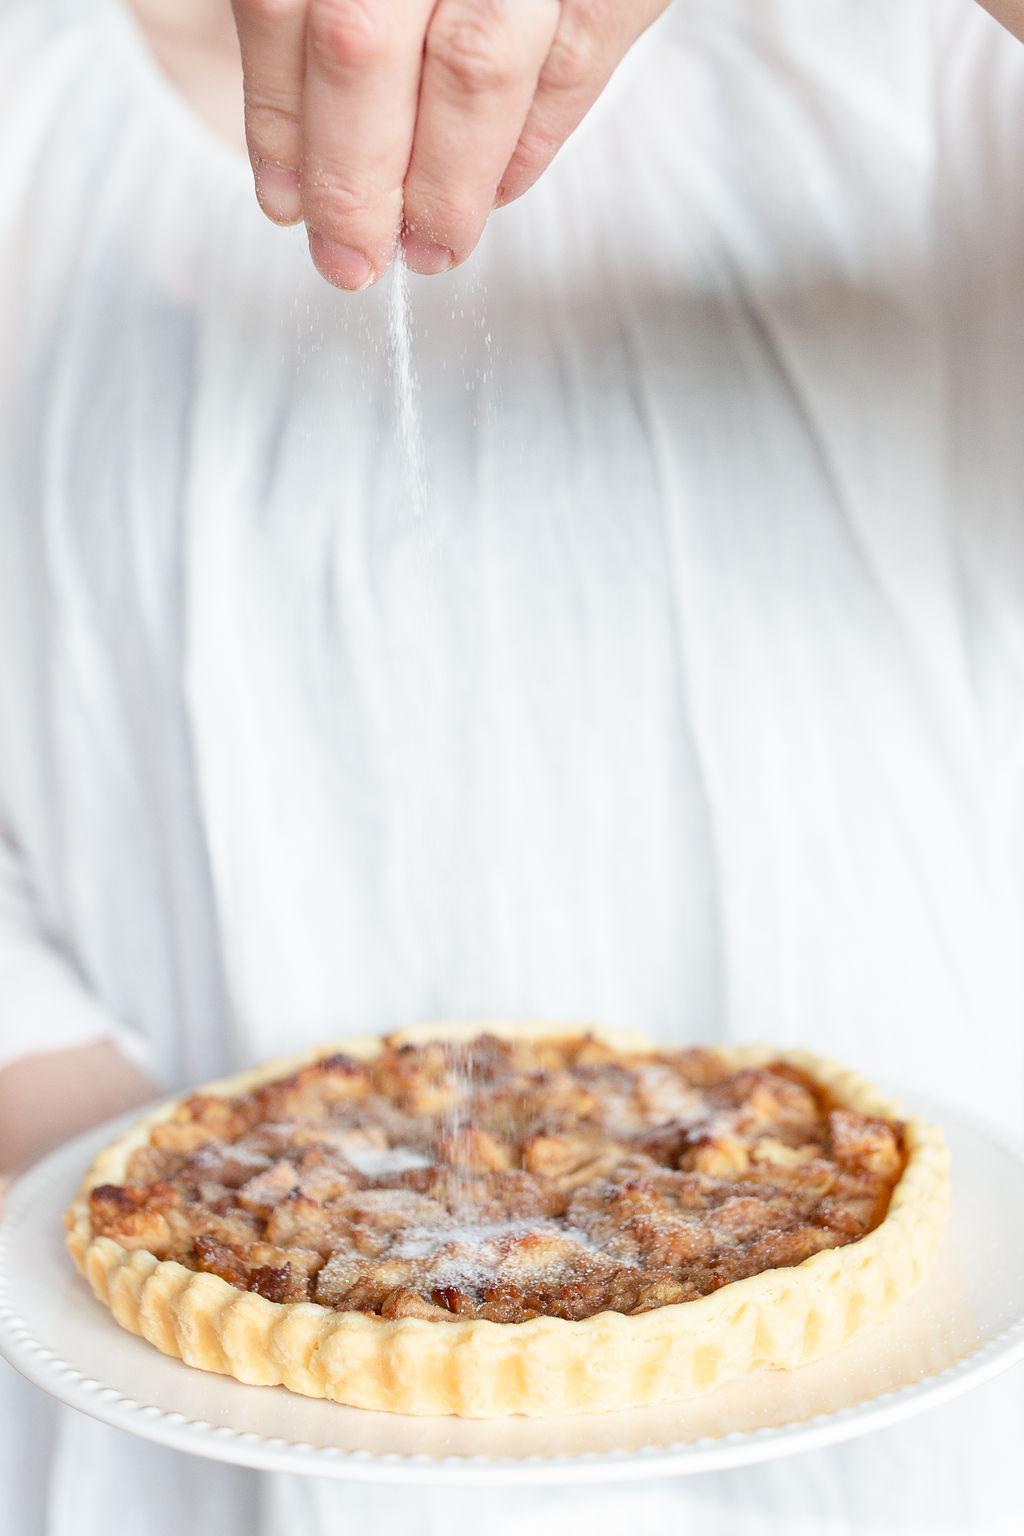 sprinkling sugar on the apple pie